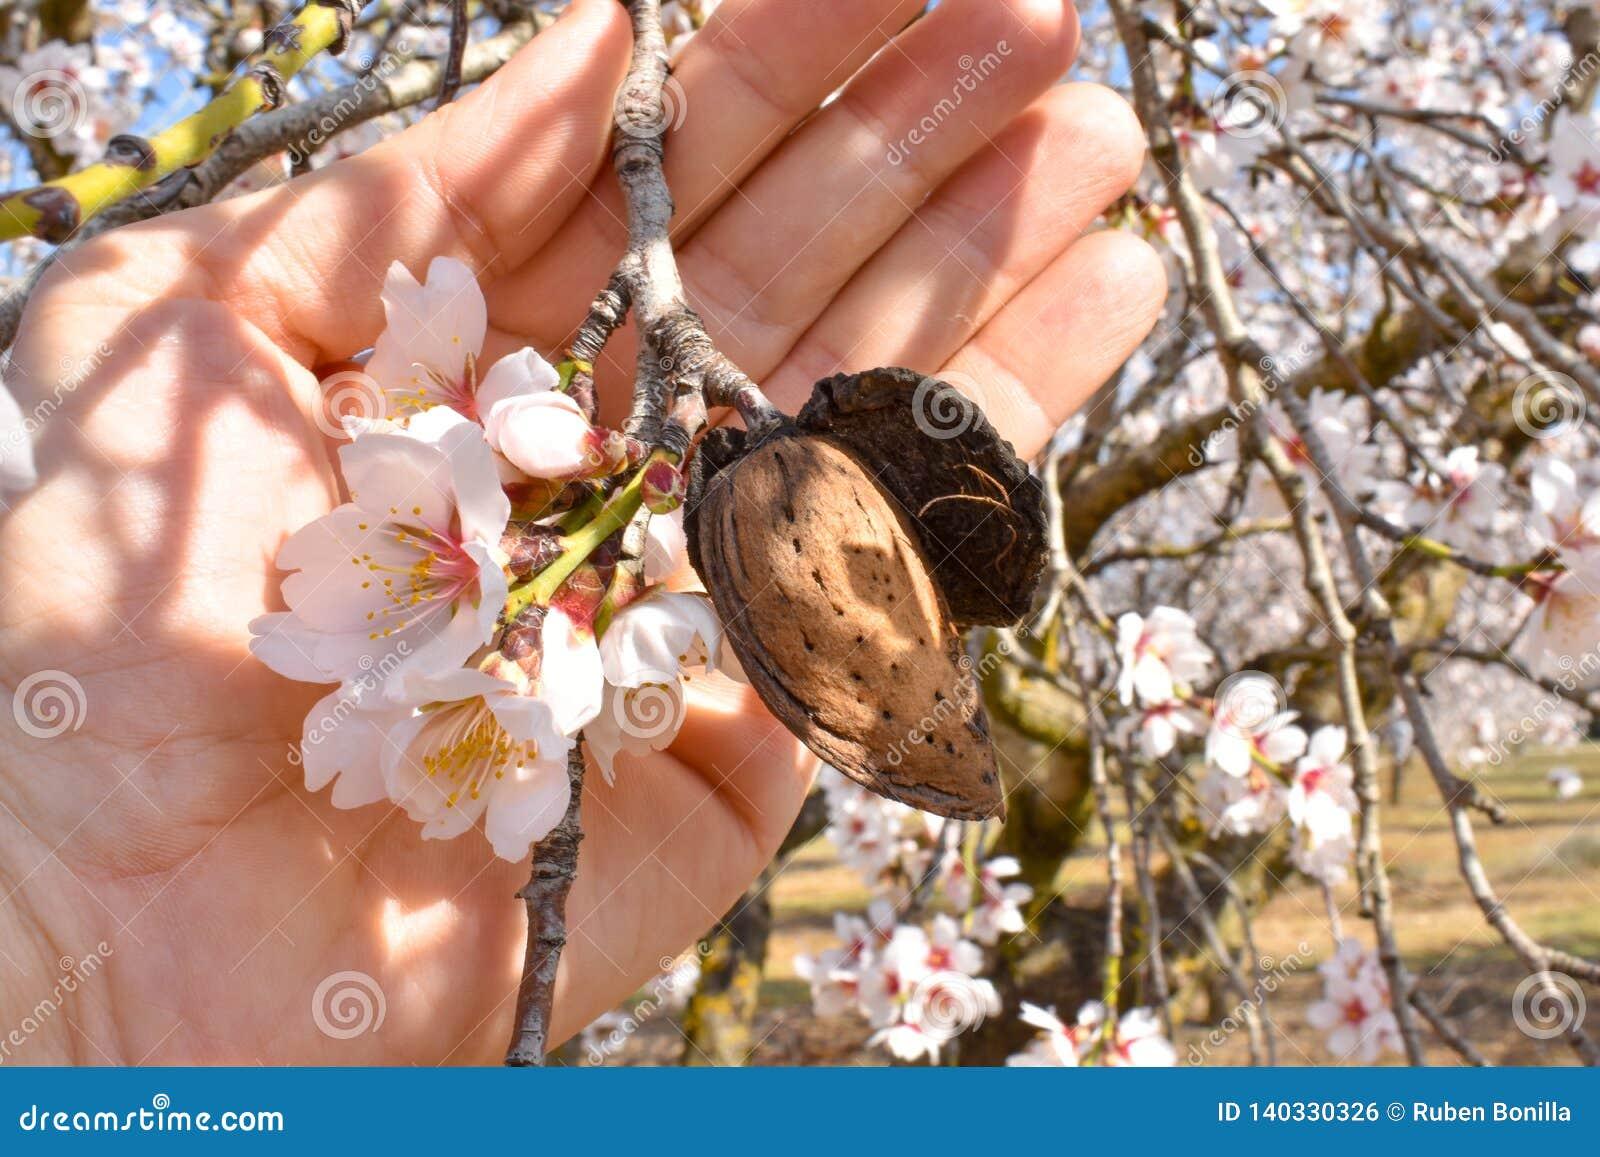 Mão aberta que mostra uma amêndoa colhida com um ramo da árvore de amêndoa com algumas flores brancas na extremidade em um dia en